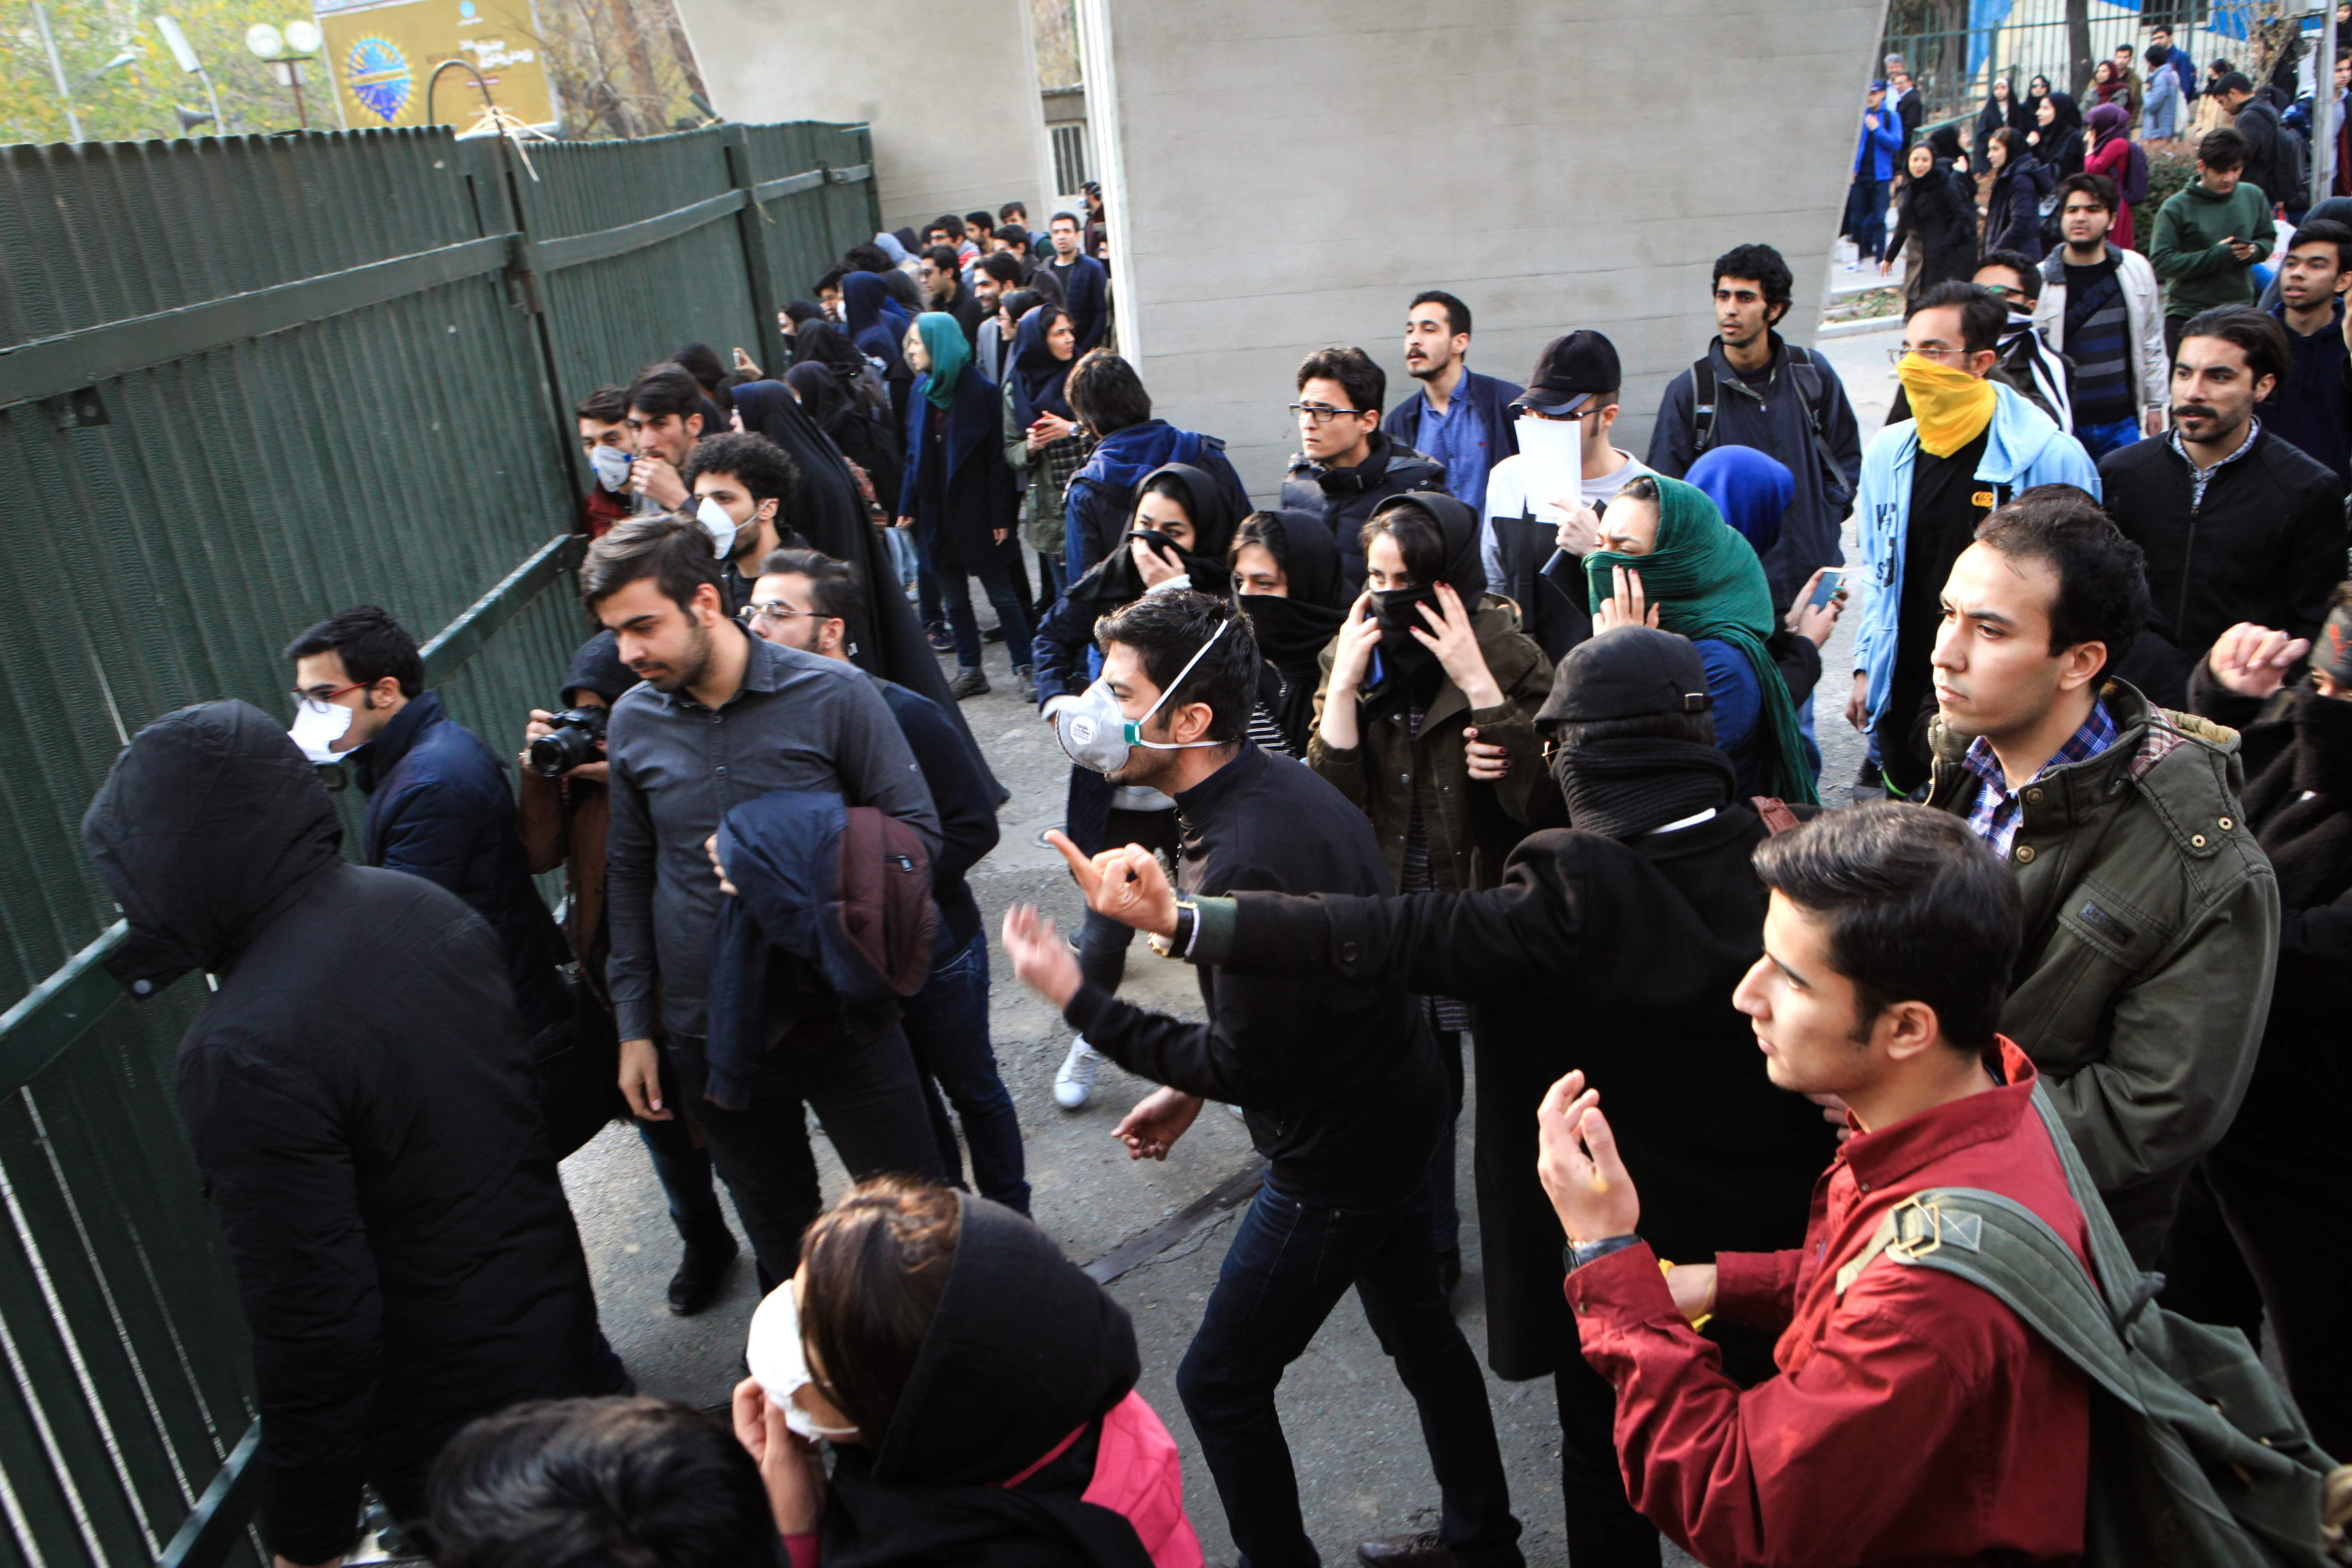 المتظاهرون يواجهون قوات الشرطة الايرانية